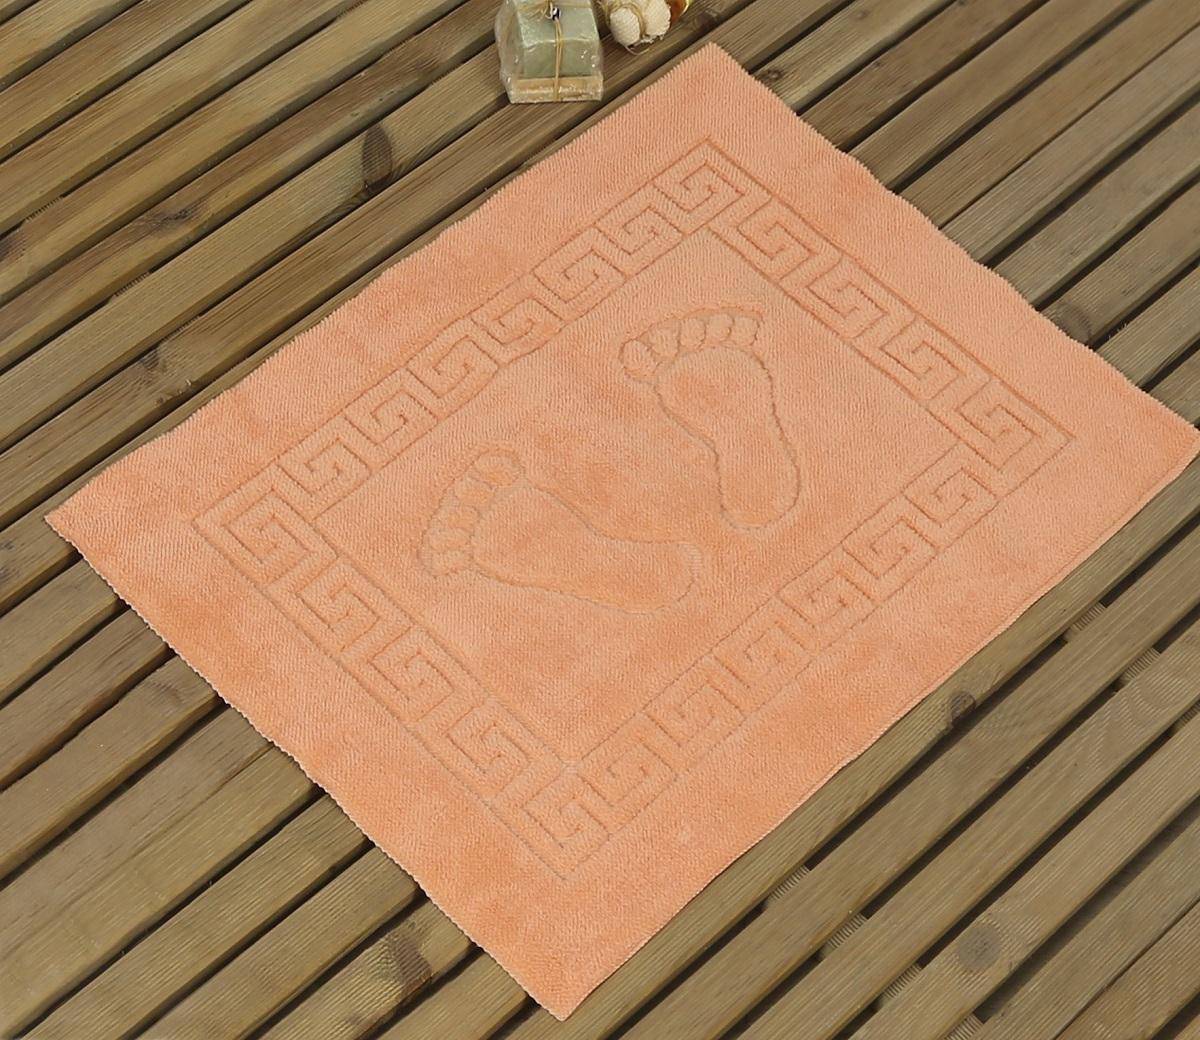 Коврик для ванной Karna Likya, цвет: абрикосовый, 50 х 70 см631/CHAR009Коврик Karna сделан из 100% полиэстера. Полиэстер является синтетическим волокном. Ткань, полностью изготовленная из полиэстера, даже после увлажнения, очень быстро сохнет. Изделия из полиэстера практически не требовательны к уходу и обладают высокой устойчивостью к износу. Изделия из полиэстера не мнутся и легко стираются, после стирки очень быстро высыхают. Материал очень прочный, за время использования не растягивается и не садится. А также обладает высокой влагонепроницаемостью.